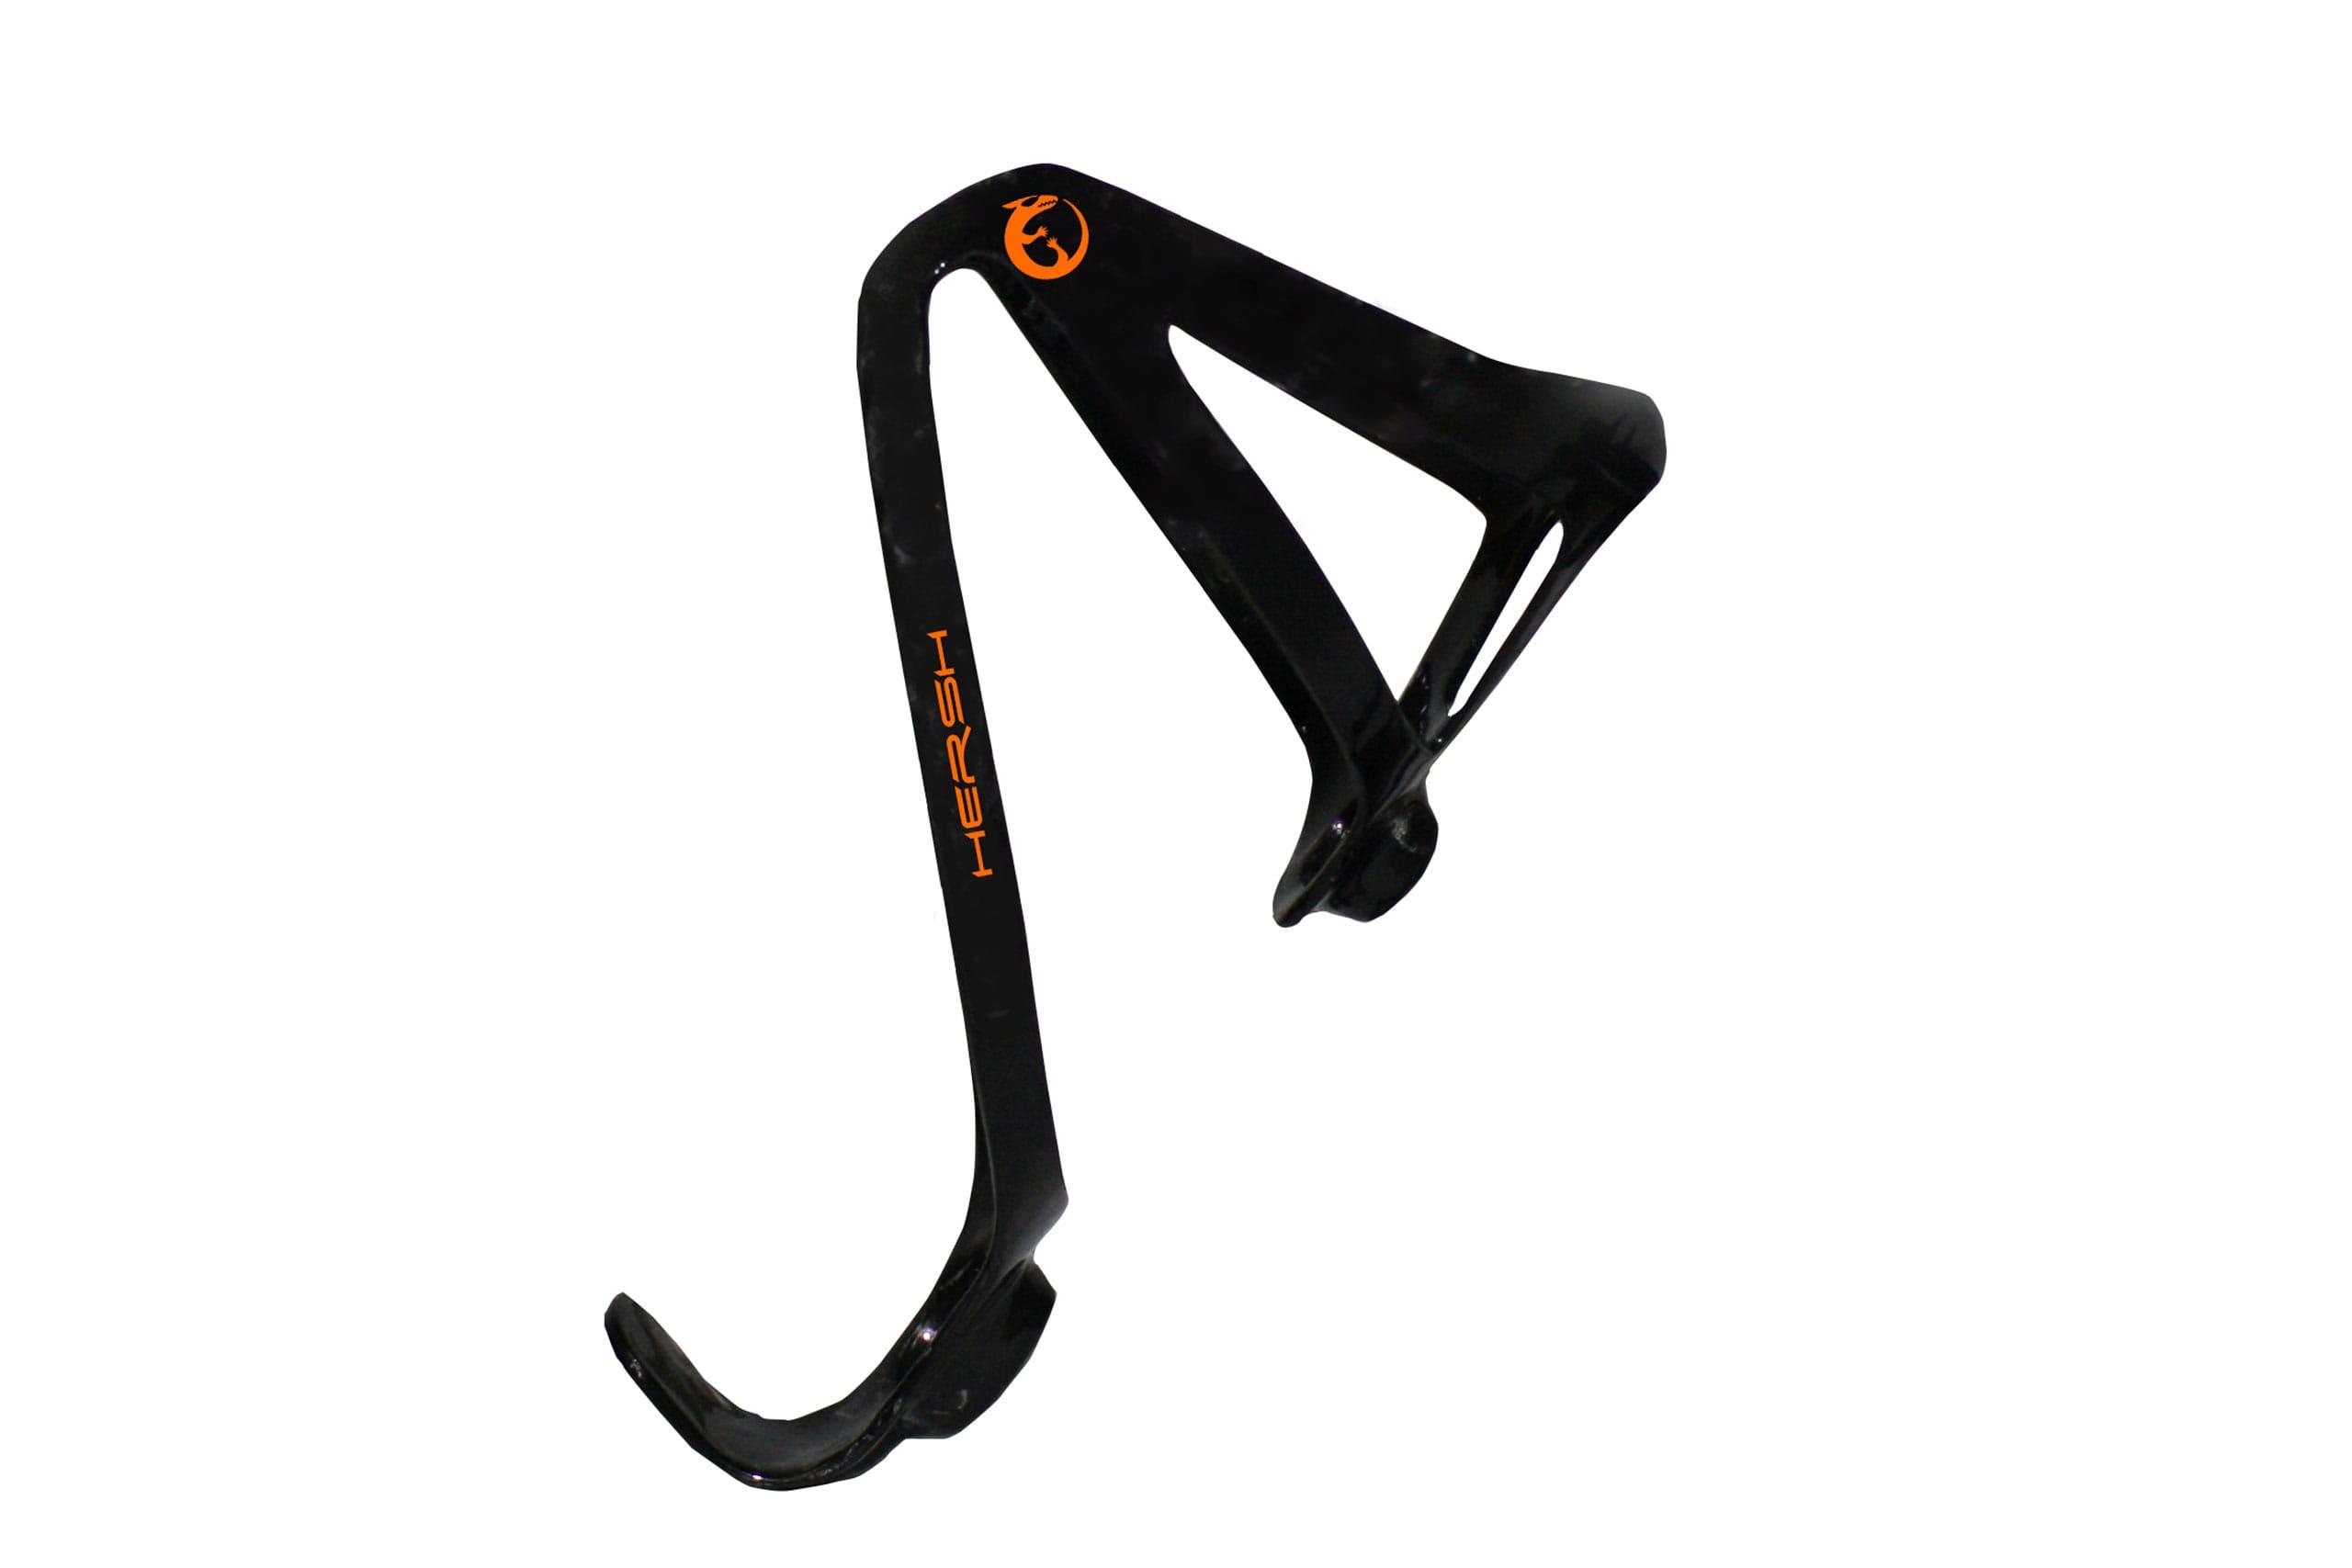 Orange Hersh Elegance carbon fibre bottle cage for bike